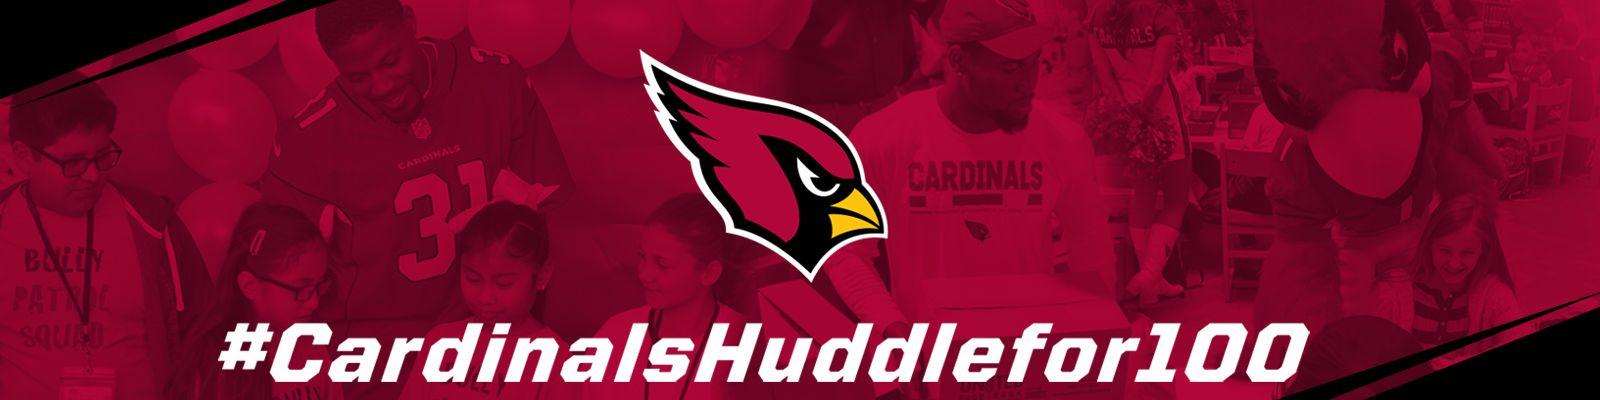 #CardinalsHuddleFor100